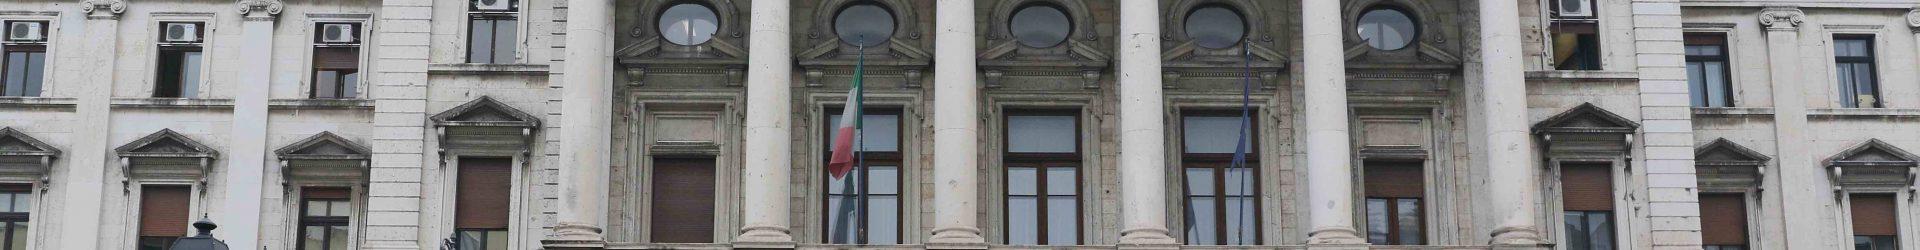 COSA CAPITA IN ITALIA AI CITTADINI CHE SI APPELLANO ALLA LEGALITÀ